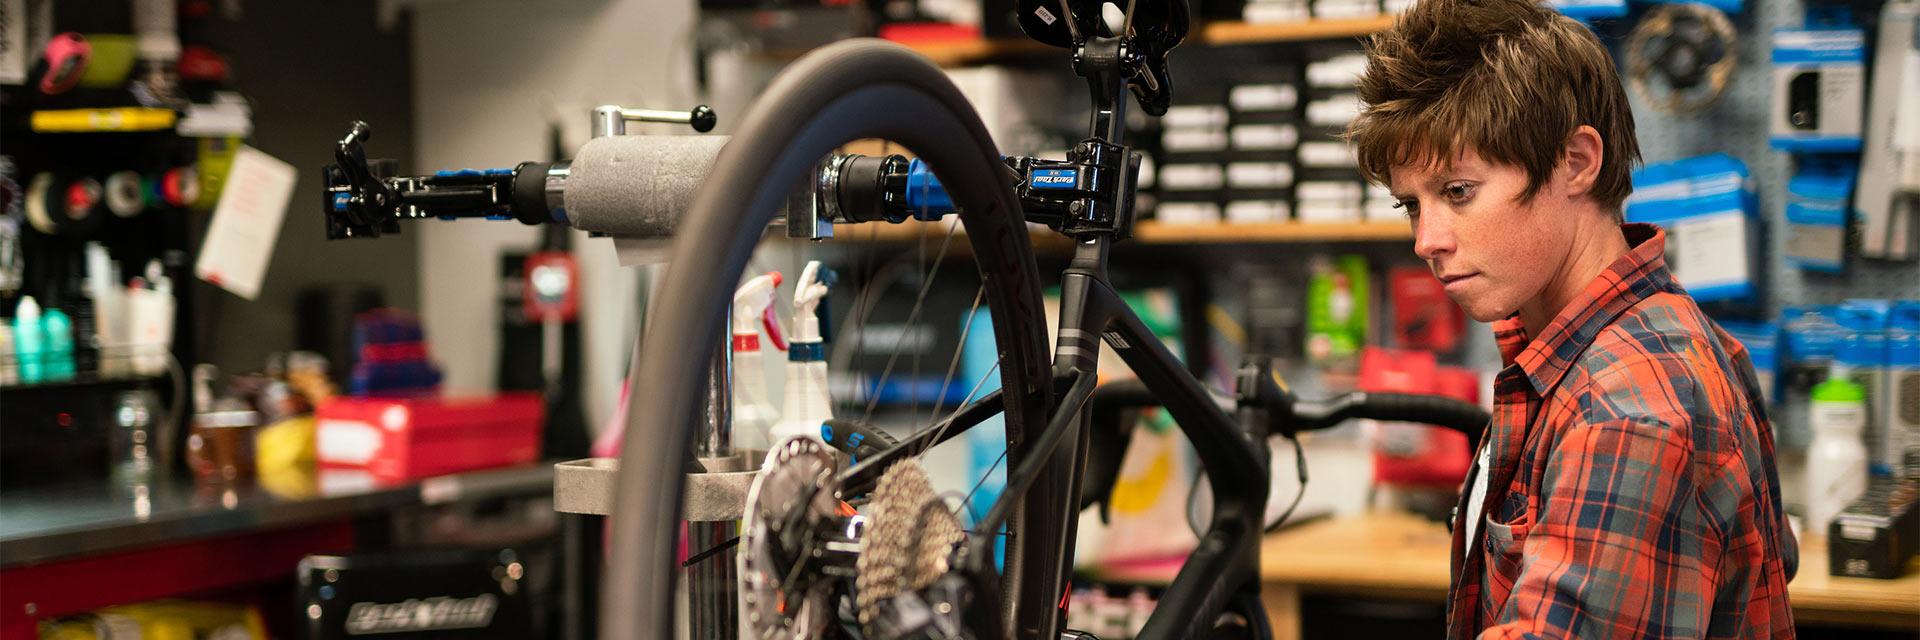 Bike Technician repairing a bike